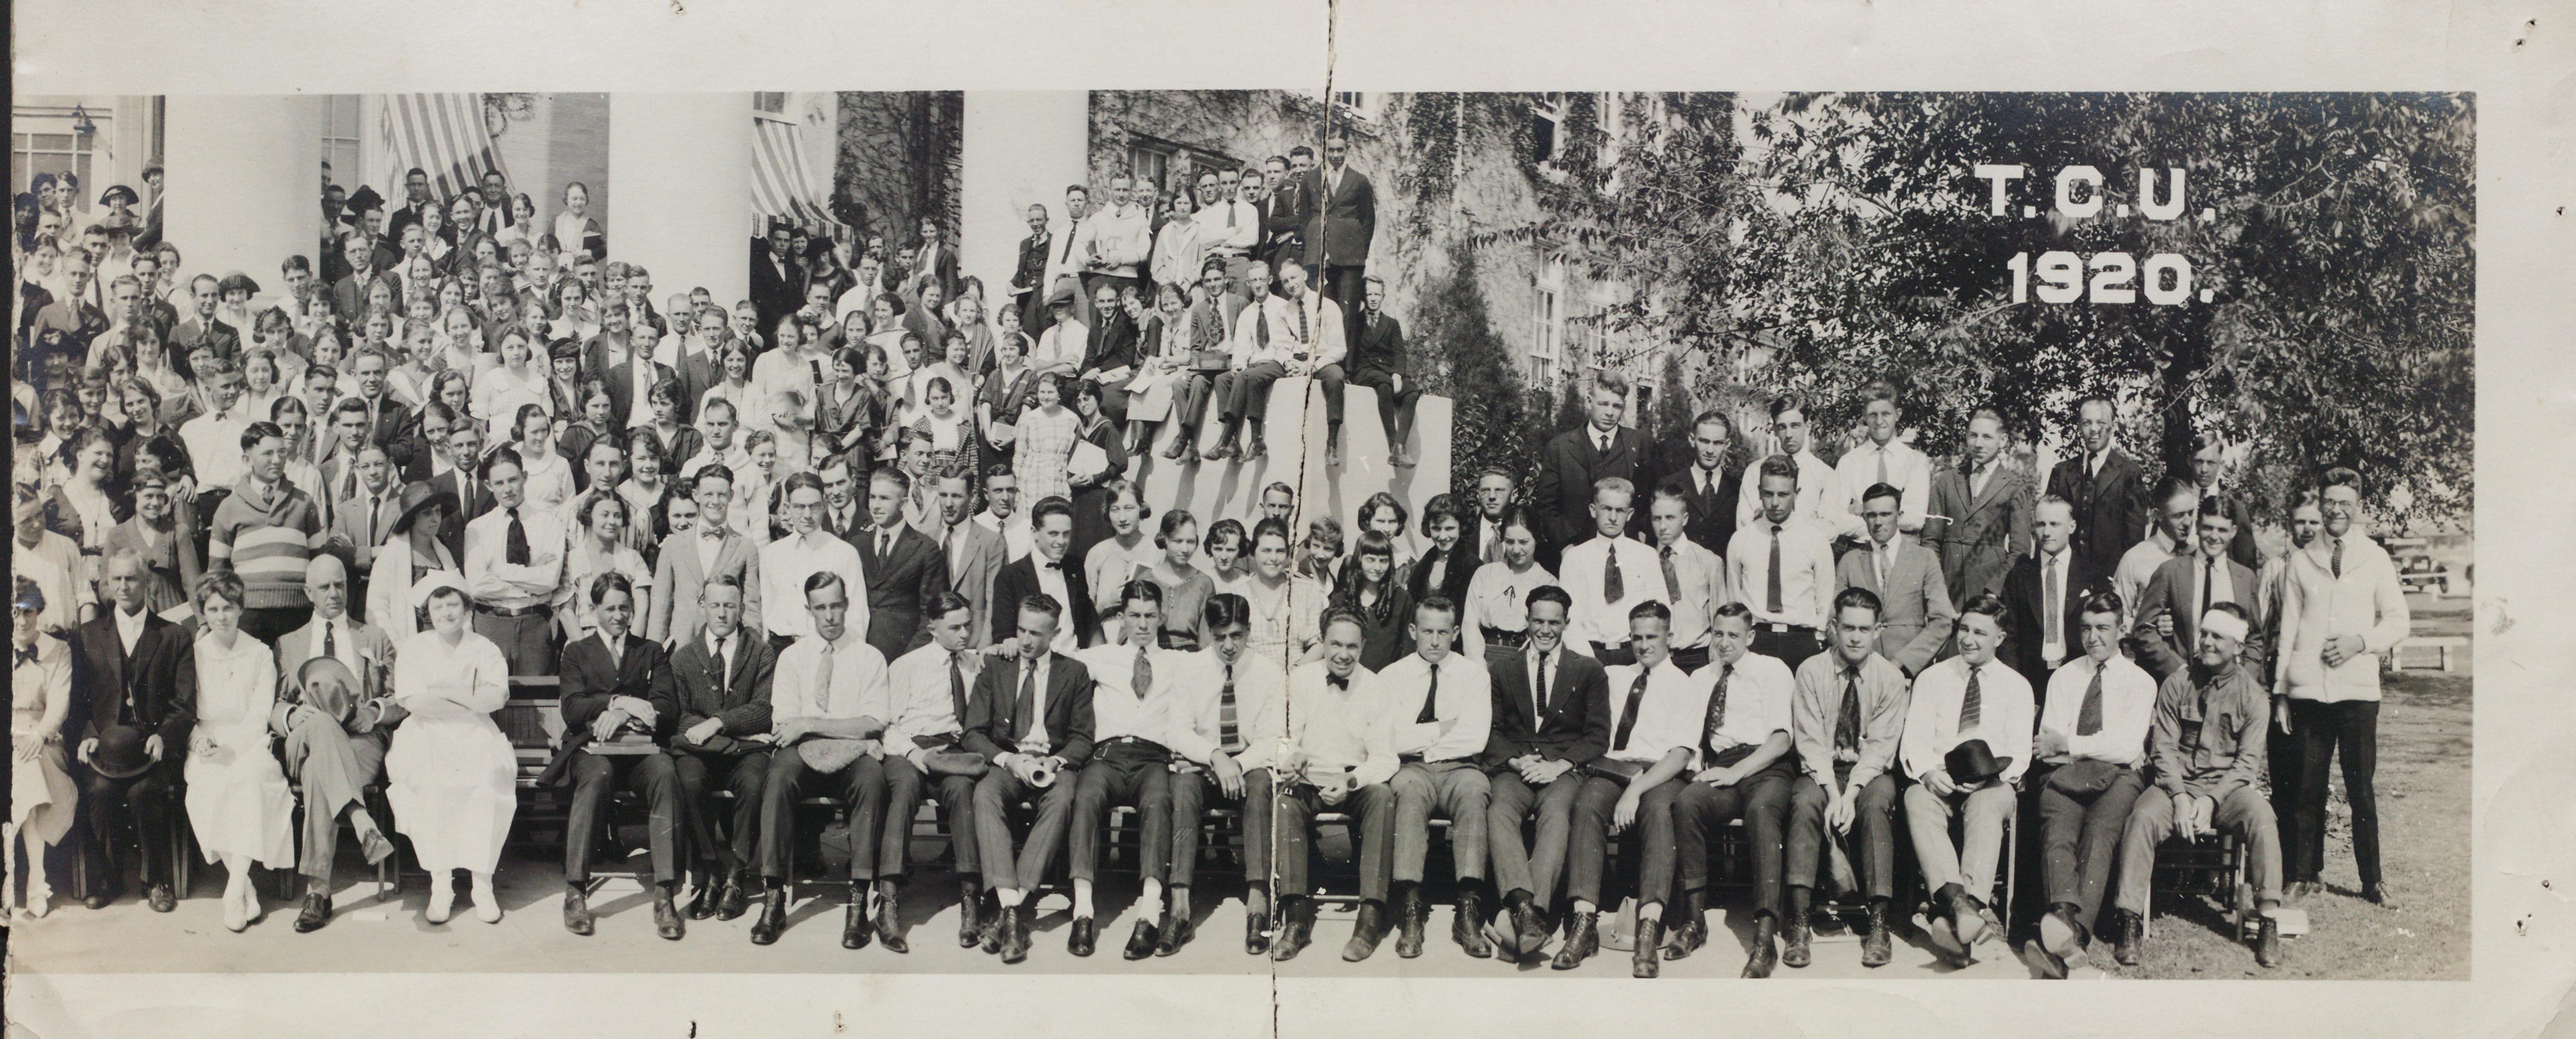 1920 TCU Class Reunion